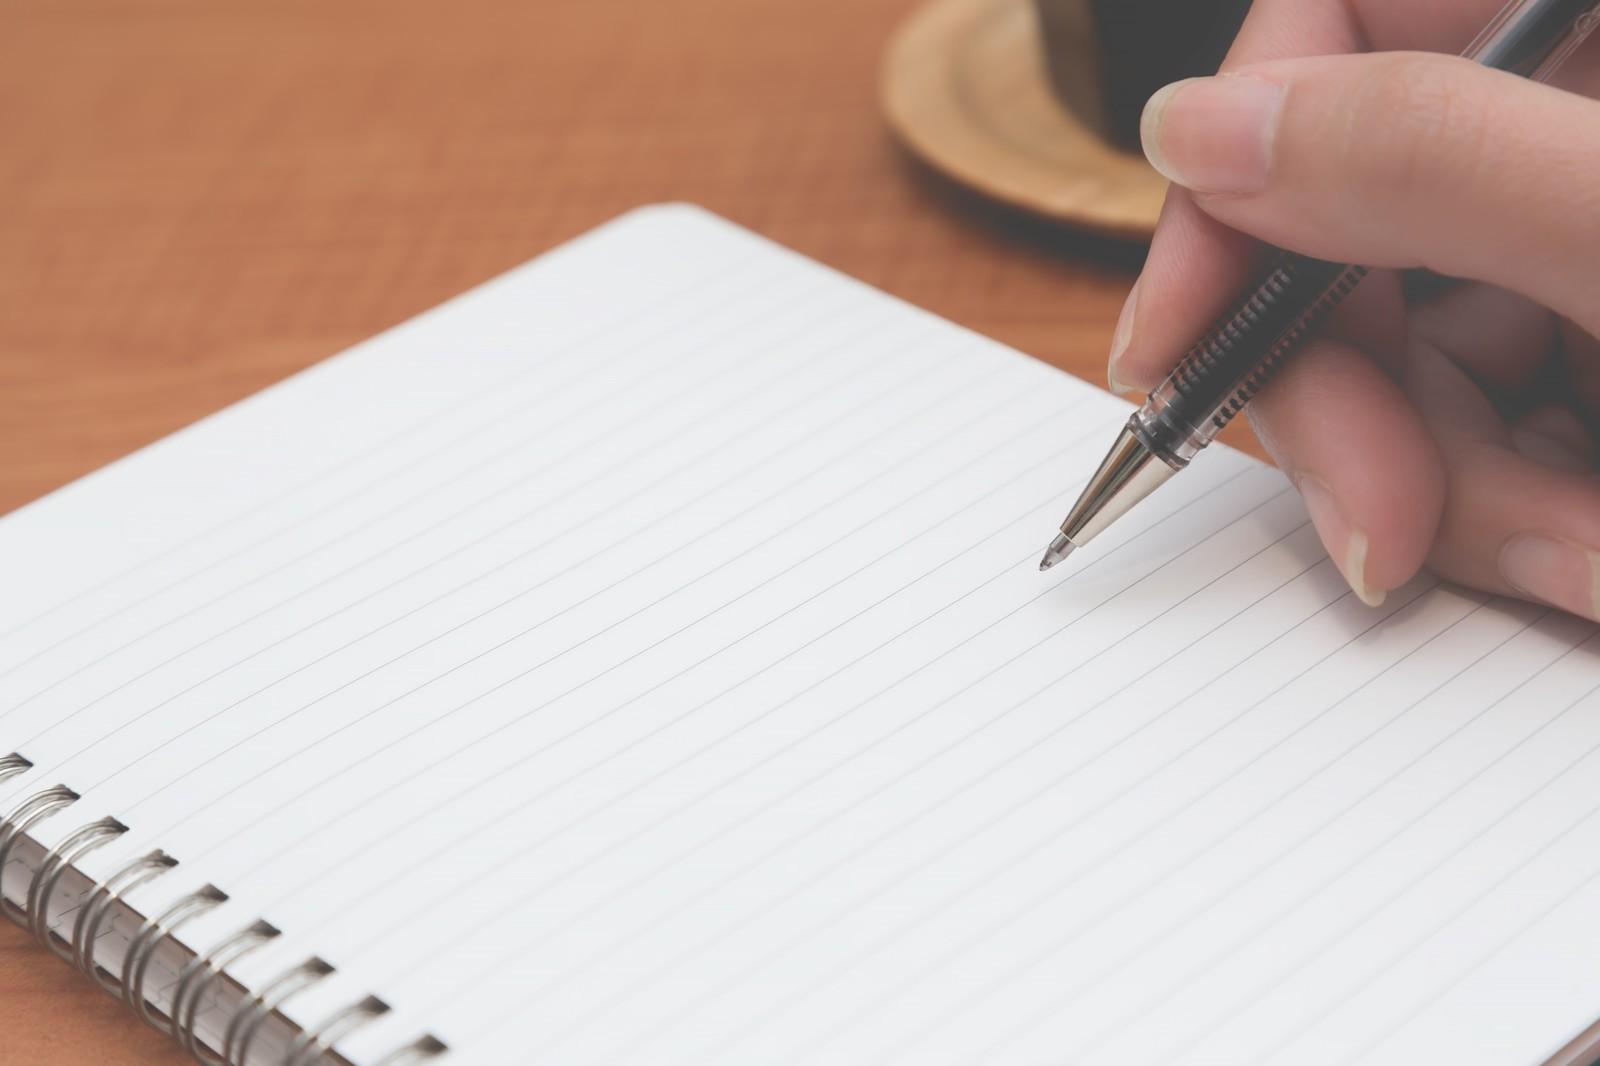 語学勉強に最適・Quizlet(クイズレット)暗記ツールの使い方